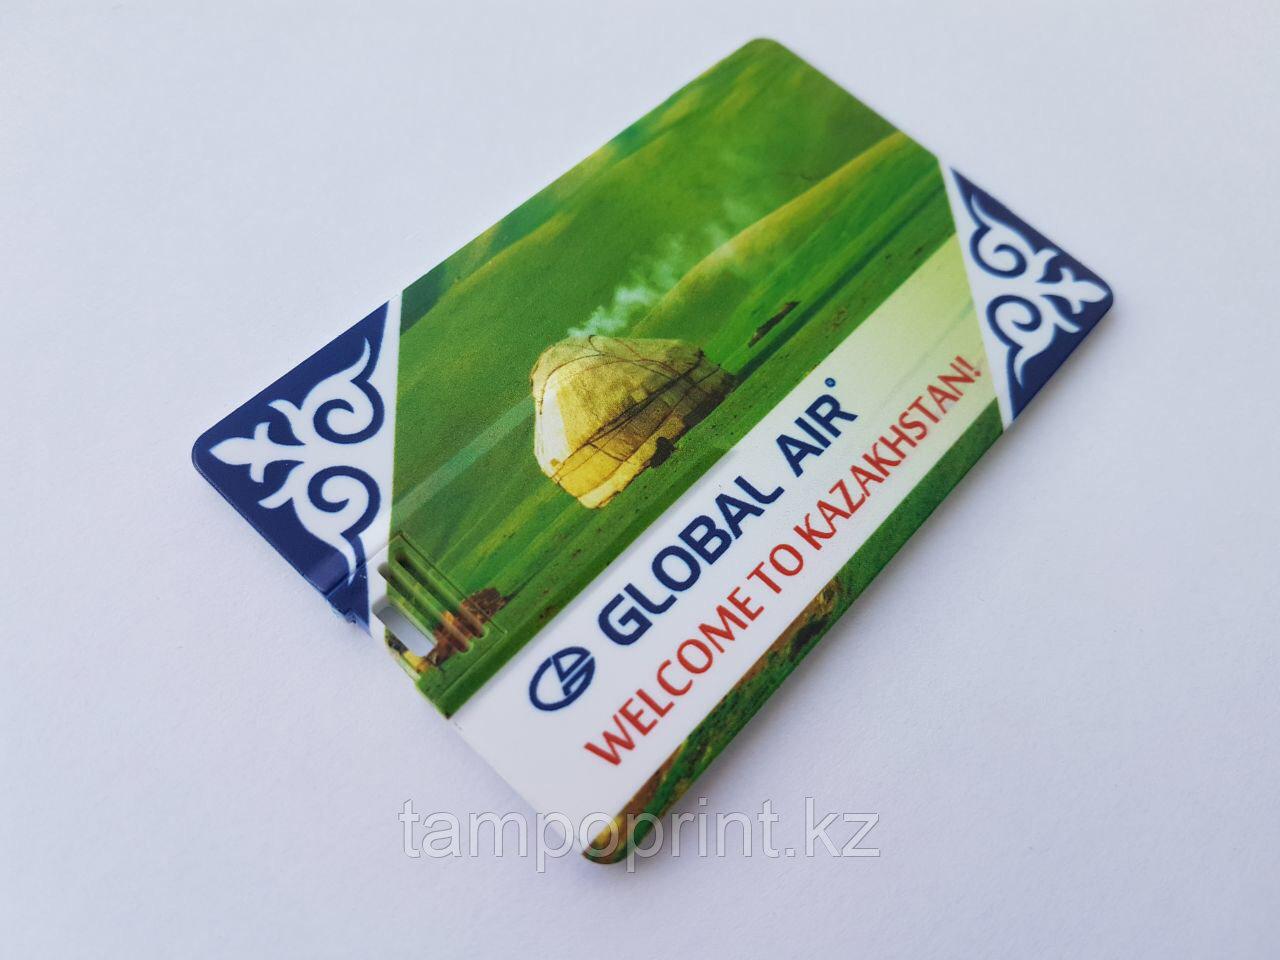 Флешка кредитка 2 гб. Бесплатная доставка по Казахстану.